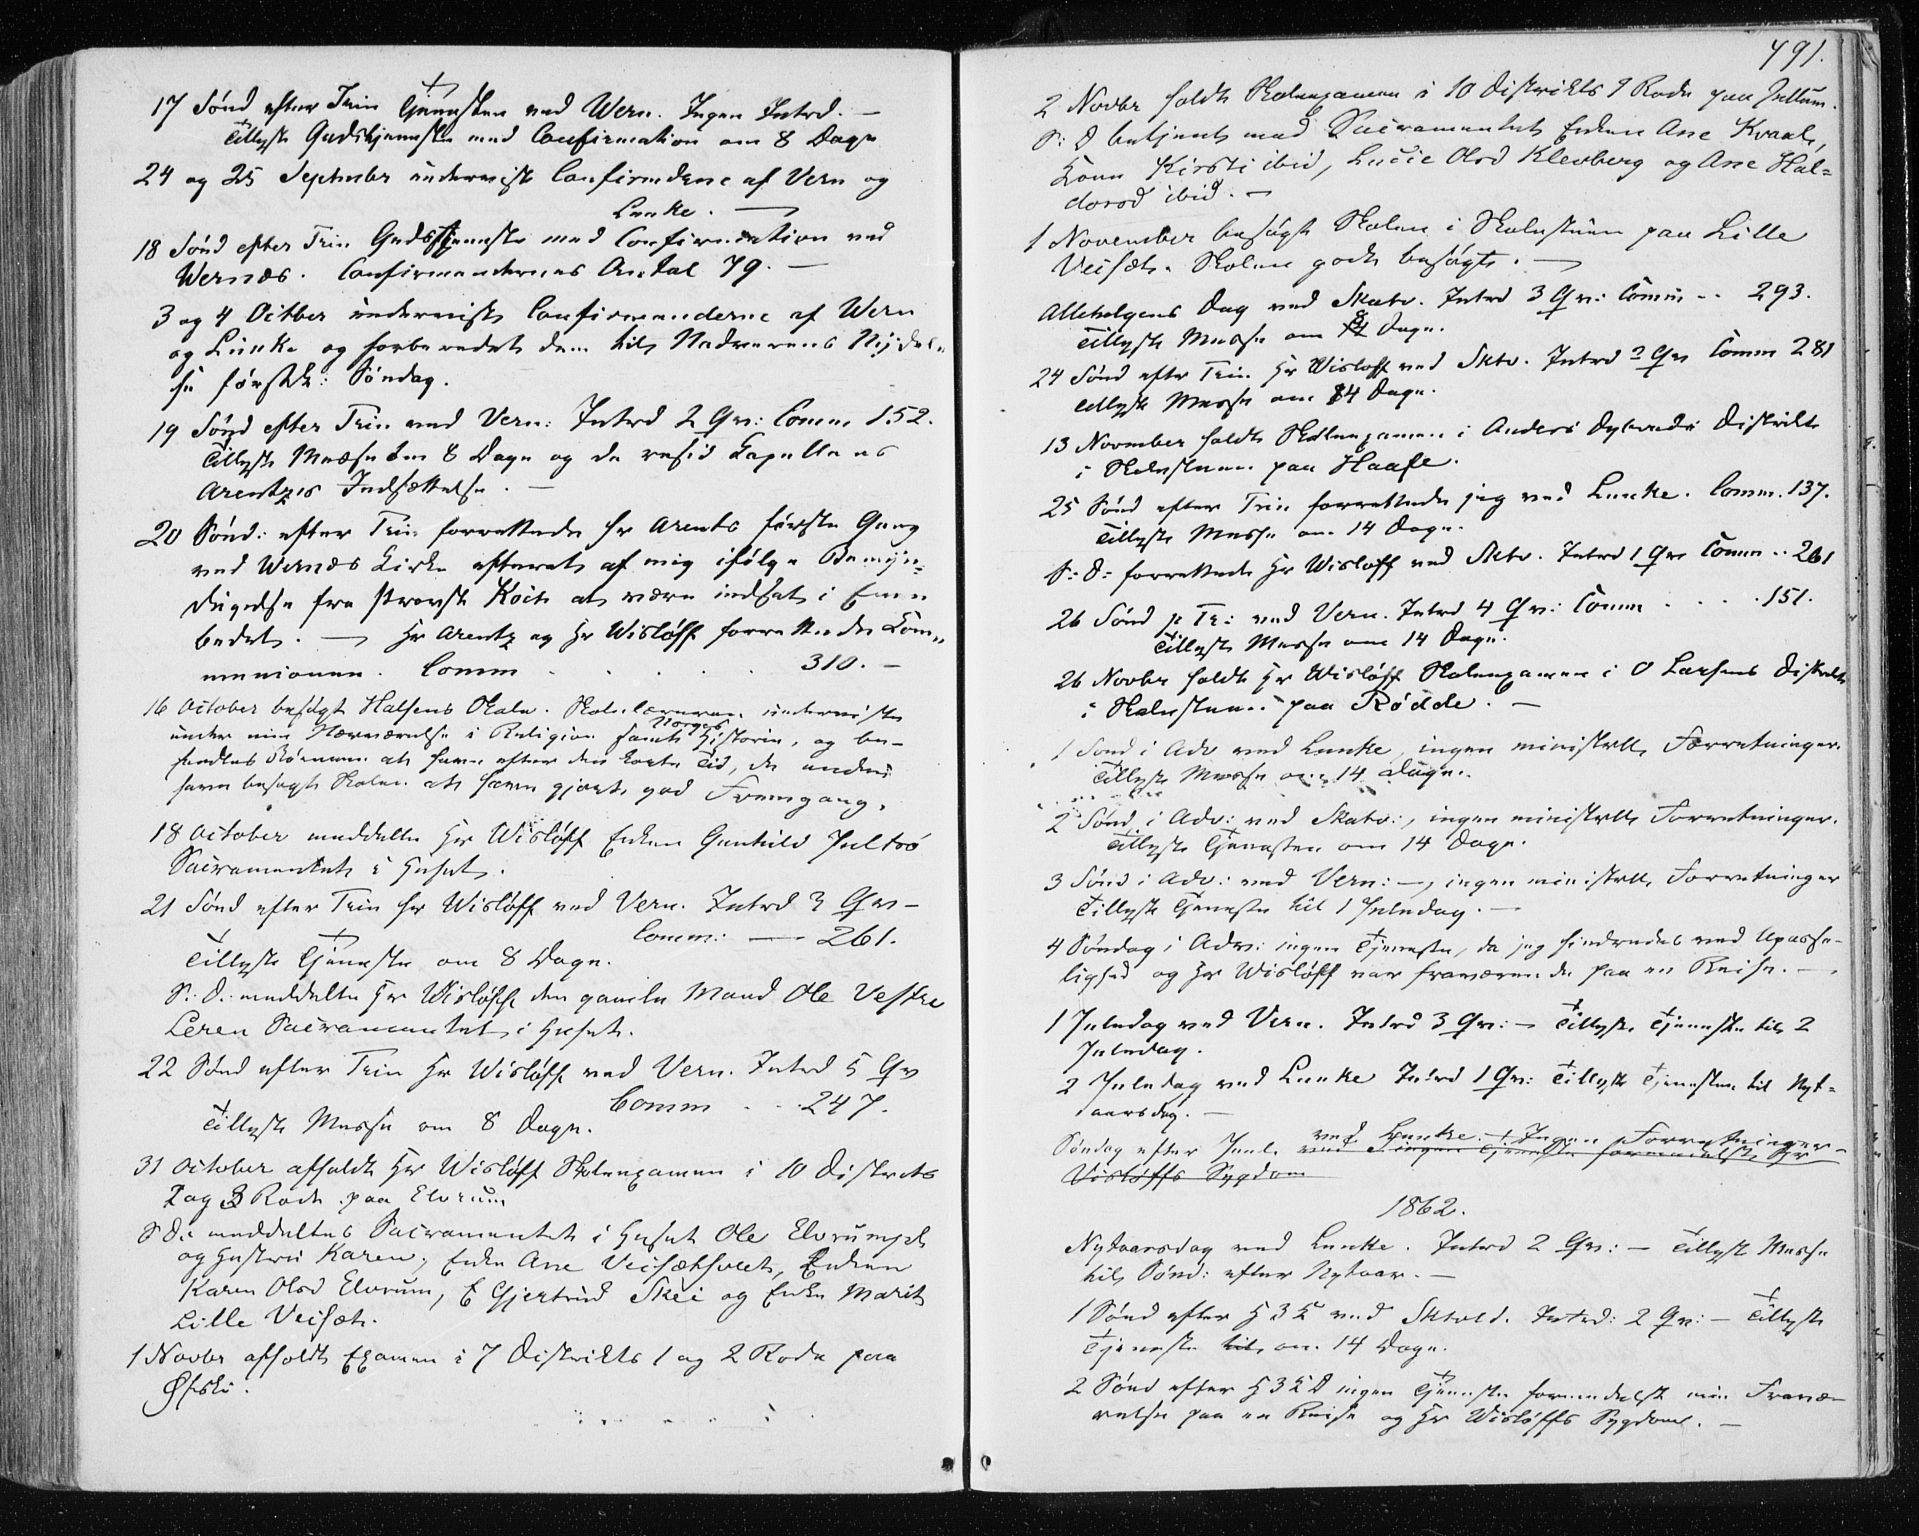 SAT, Ministerialprotokoller, klokkerbøker og fødselsregistre - Nord-Trøndelag, 709/L0075: Ministerialbok nr. 709A15, 1859-1870, s. 491